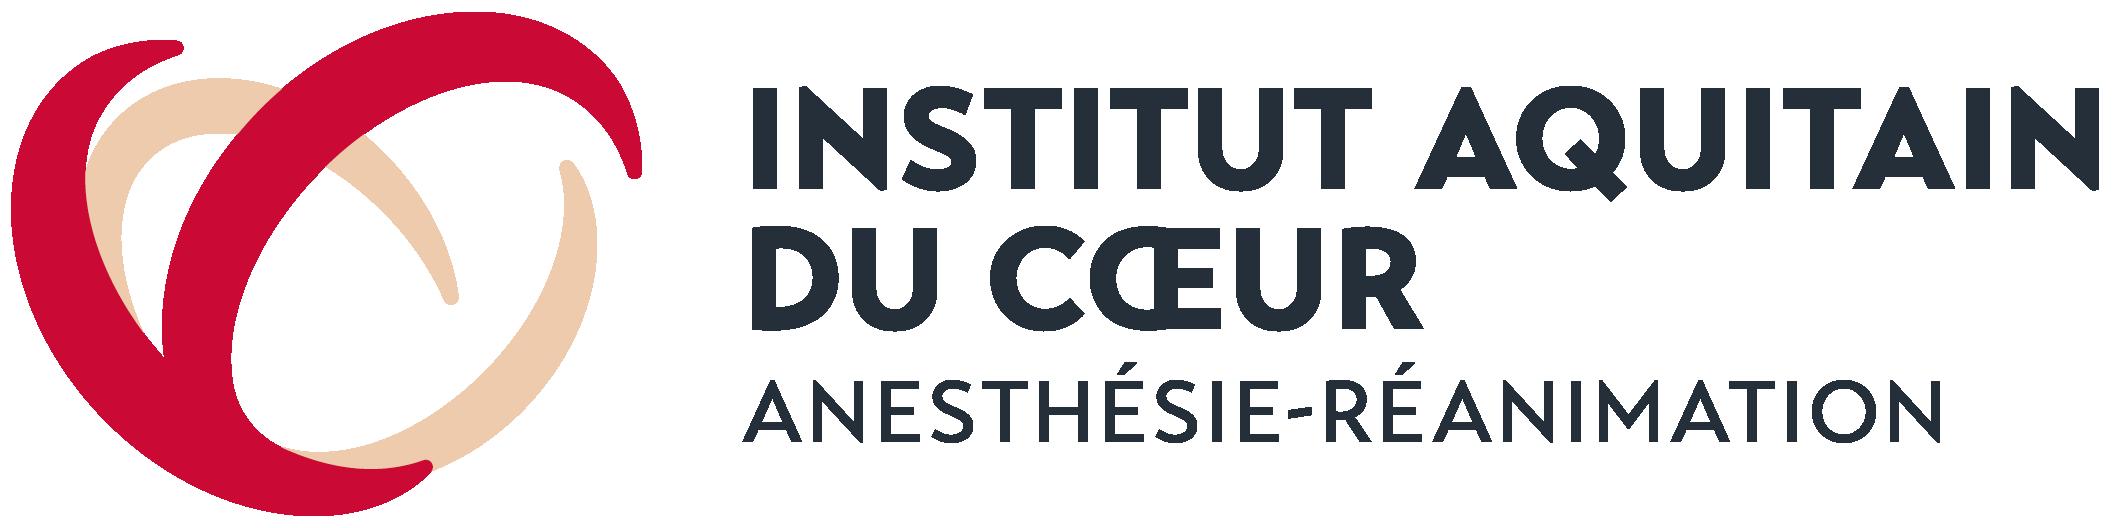 Institut Aquitain du Cœur